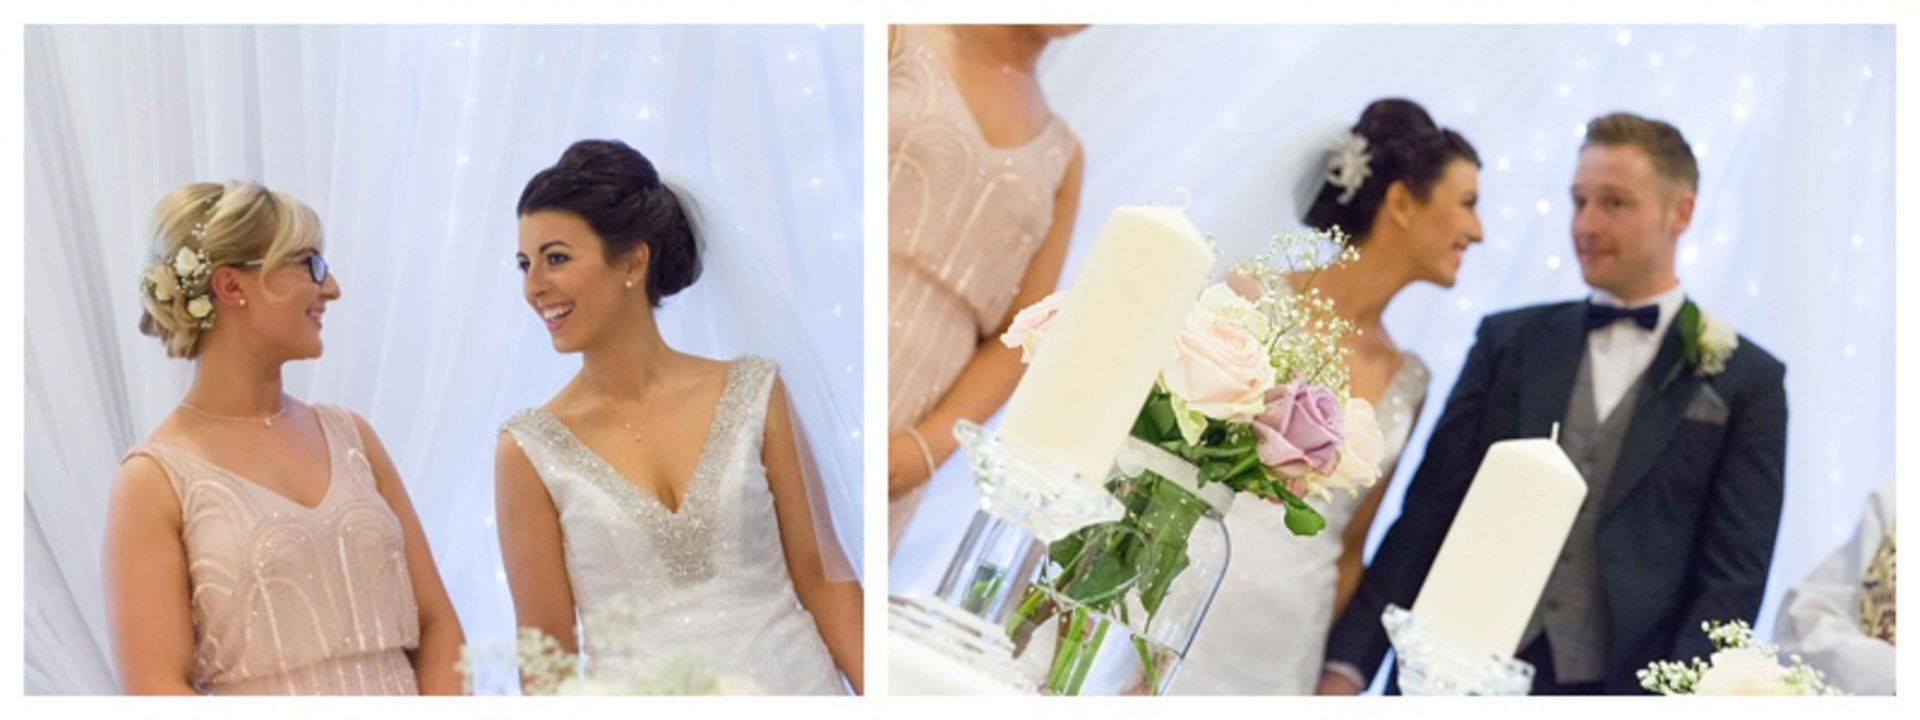 Slieve Donard Wedding Danielle & Glenn by Ricky Parker Photography-32